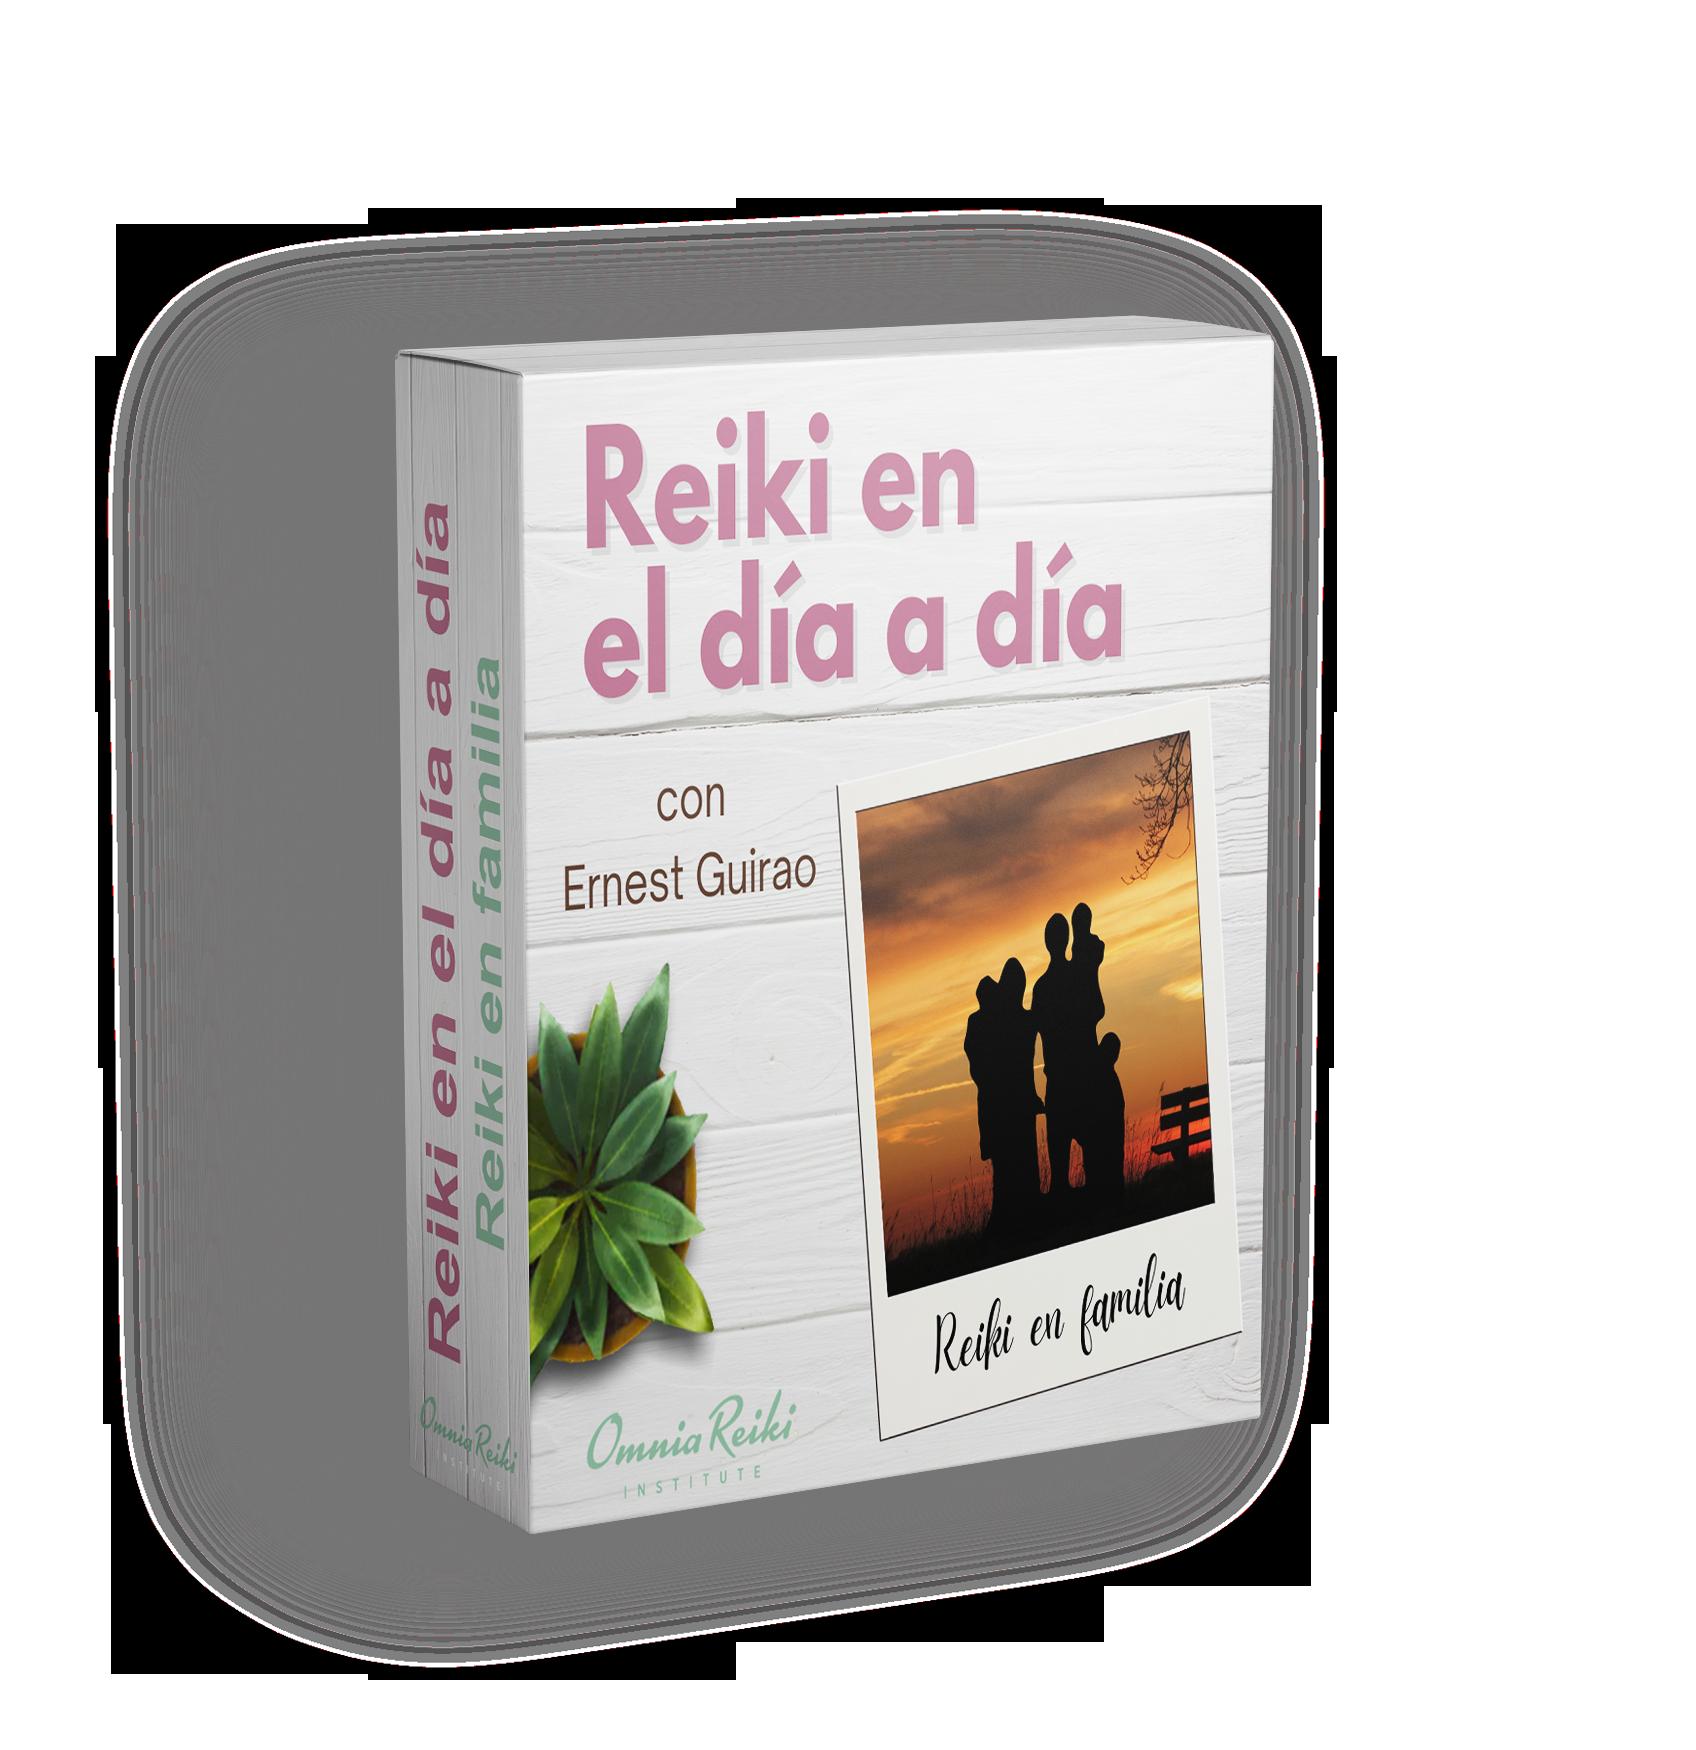 Mockup_Reki_en_familia